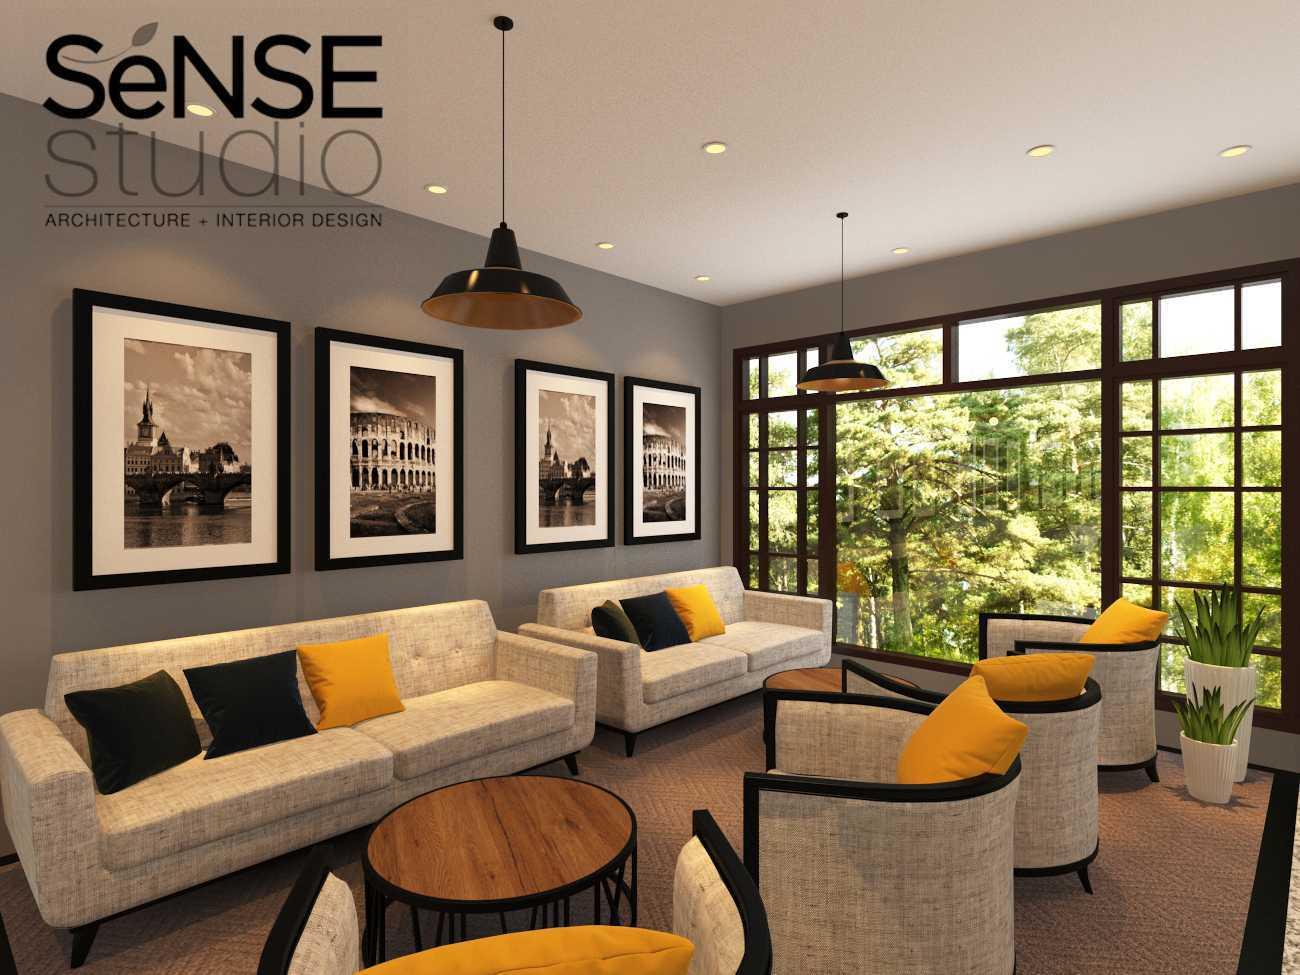 Sense Studio Kantor Propnex - Surabaya Surabaya, Kota Sby, Jawa Timur, Indonesia Surabaya, Kota Sby, Jawa Timur, Indonesia Sense-Studio-Propnex-Office  77765